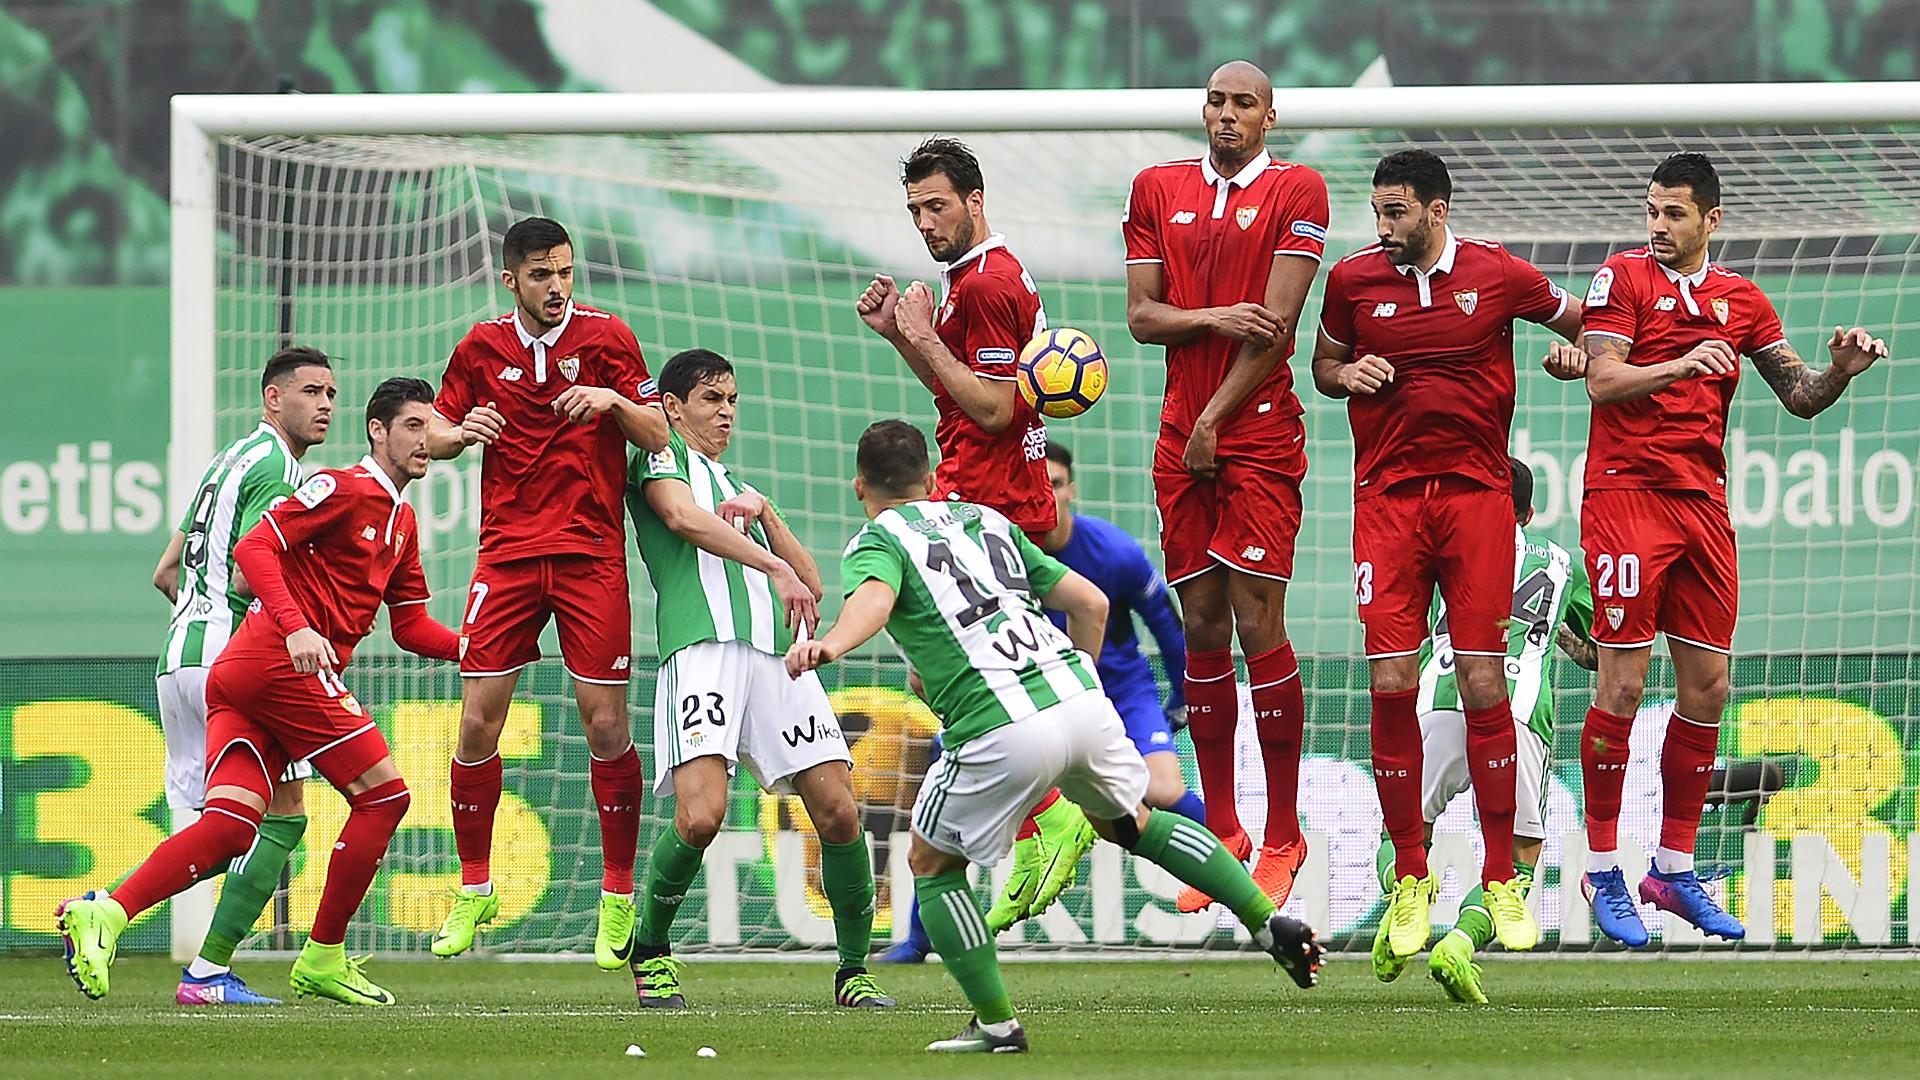 Liga: Esordio da dimenticare per Montella, ok Atletico e Valencia